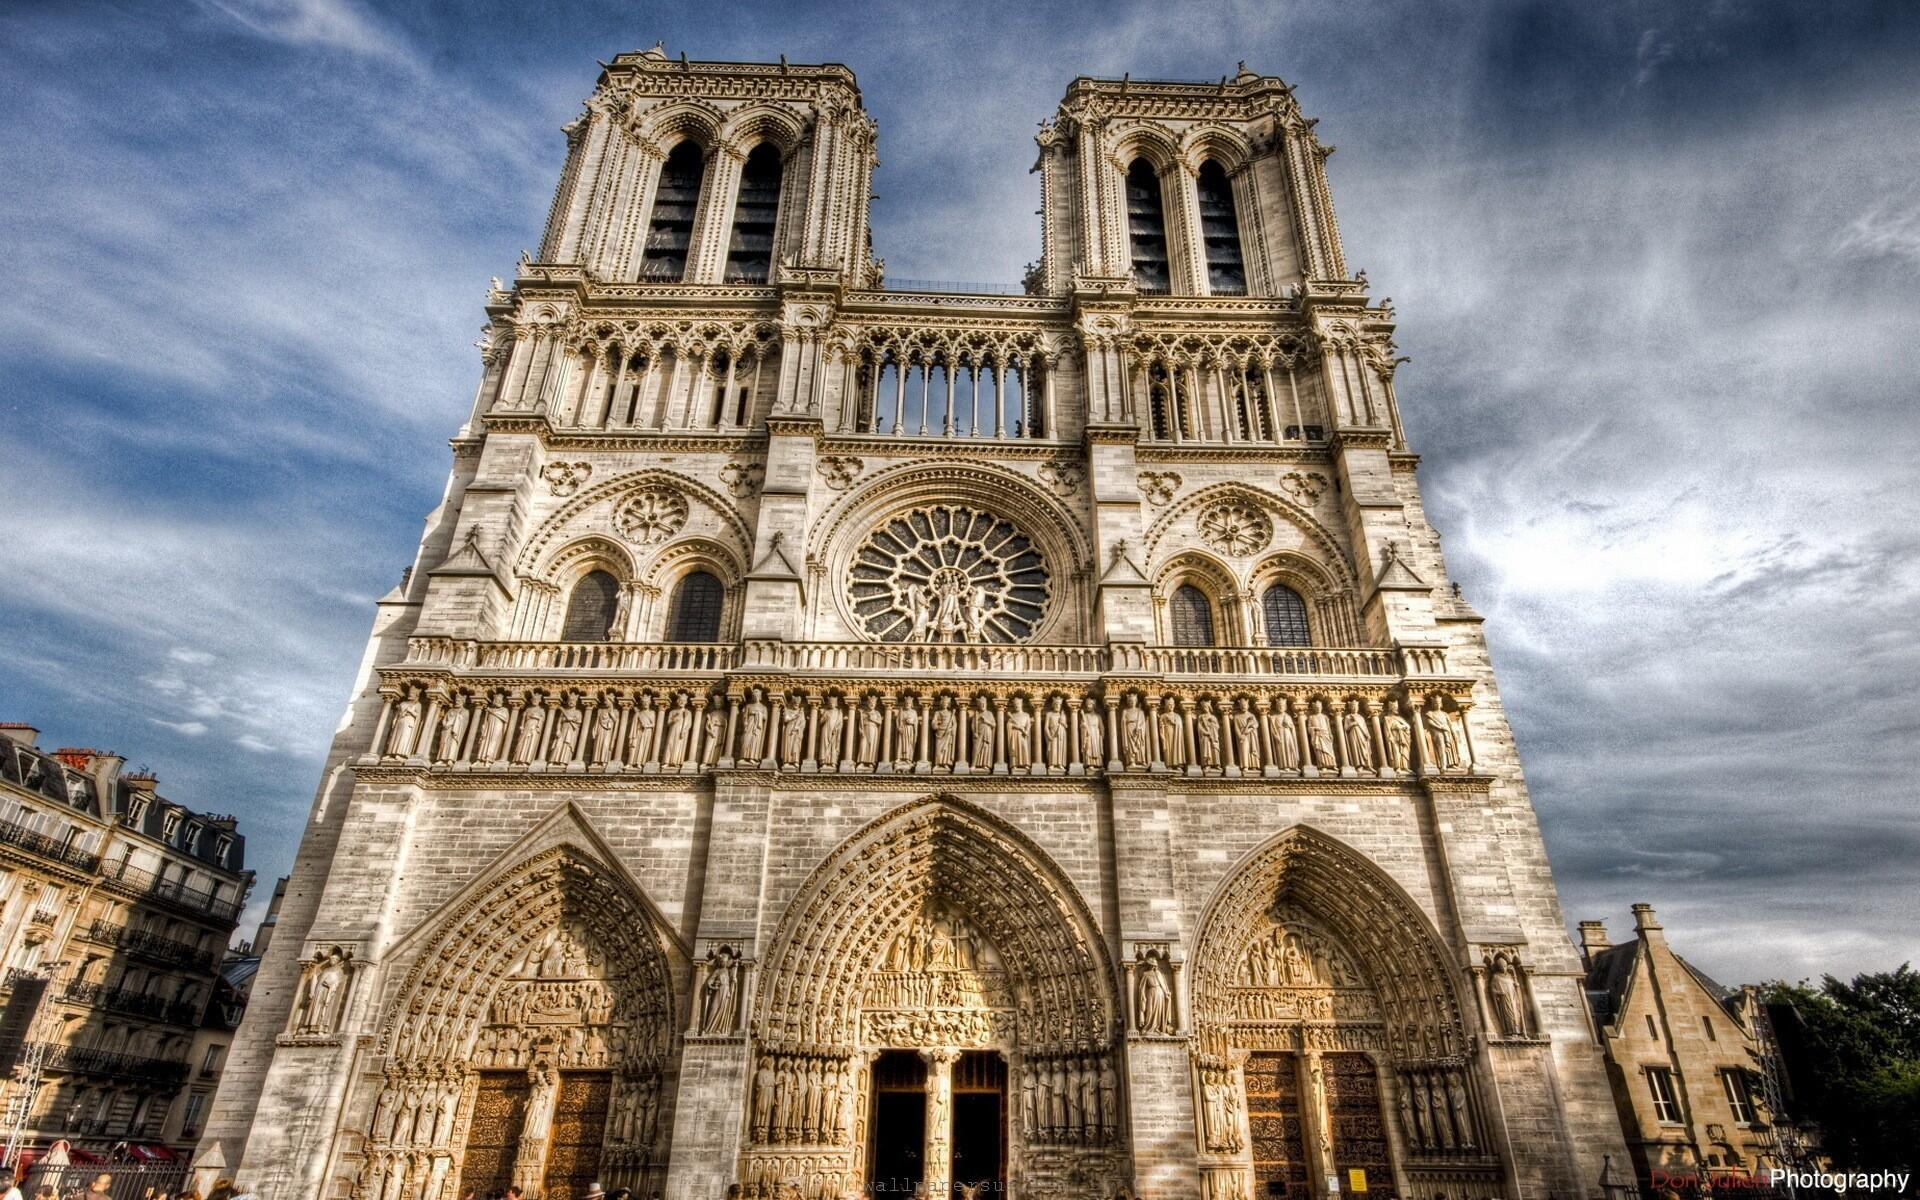 کلیسای نتردام در پاریس، از جمله کلیساهایی در فرانسه بود که ١۵ ماه اوت، در حمایت از مسیحیان خاورمیانه ناقوسش به صدا درآمد.